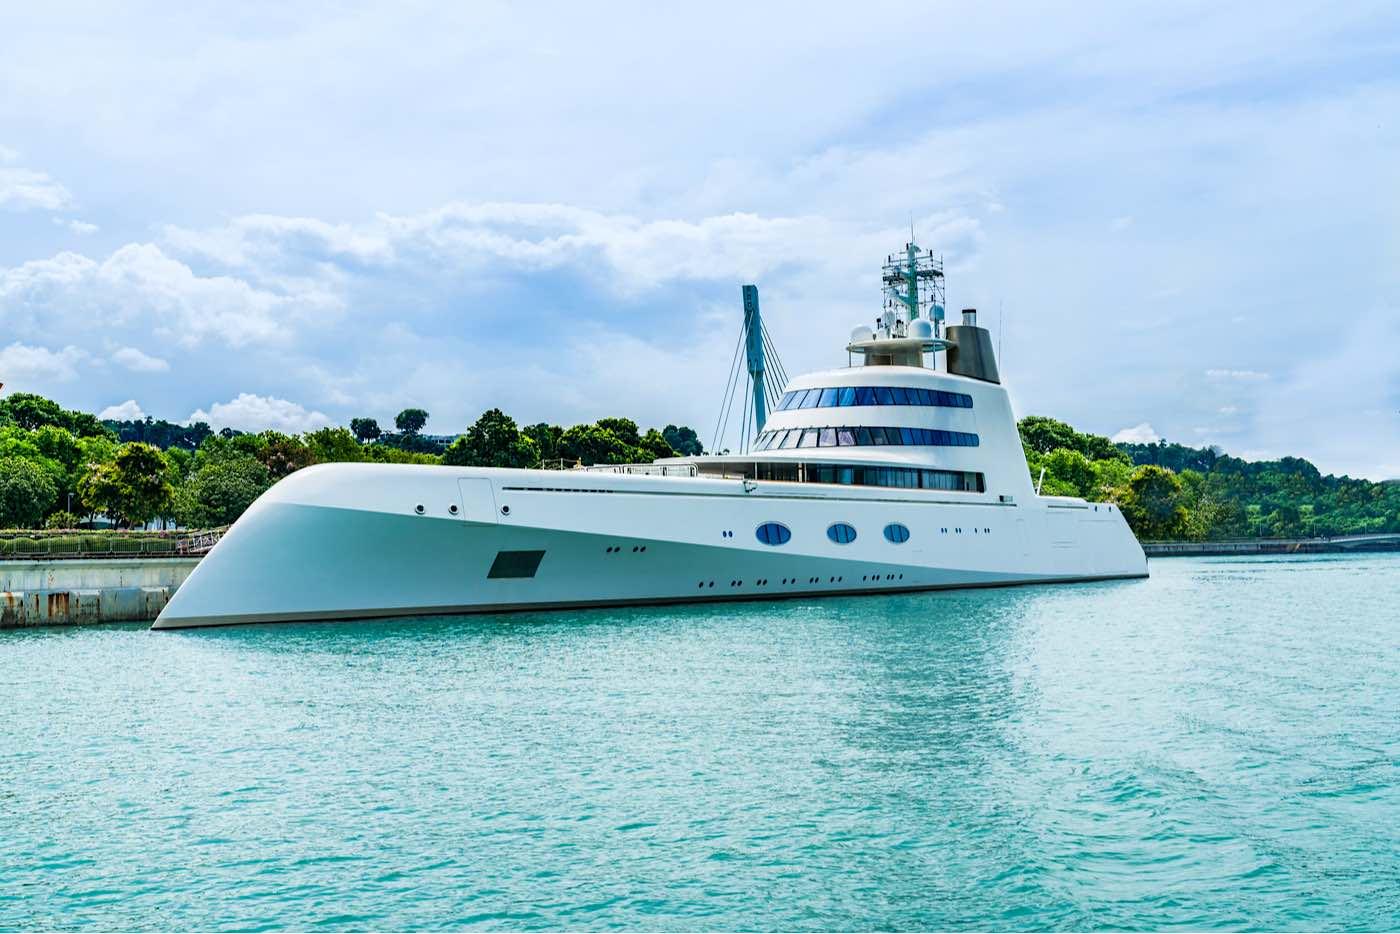 Las grandes empresas del sector náutico nacional e internacional se suman a Balearic Yacht Show